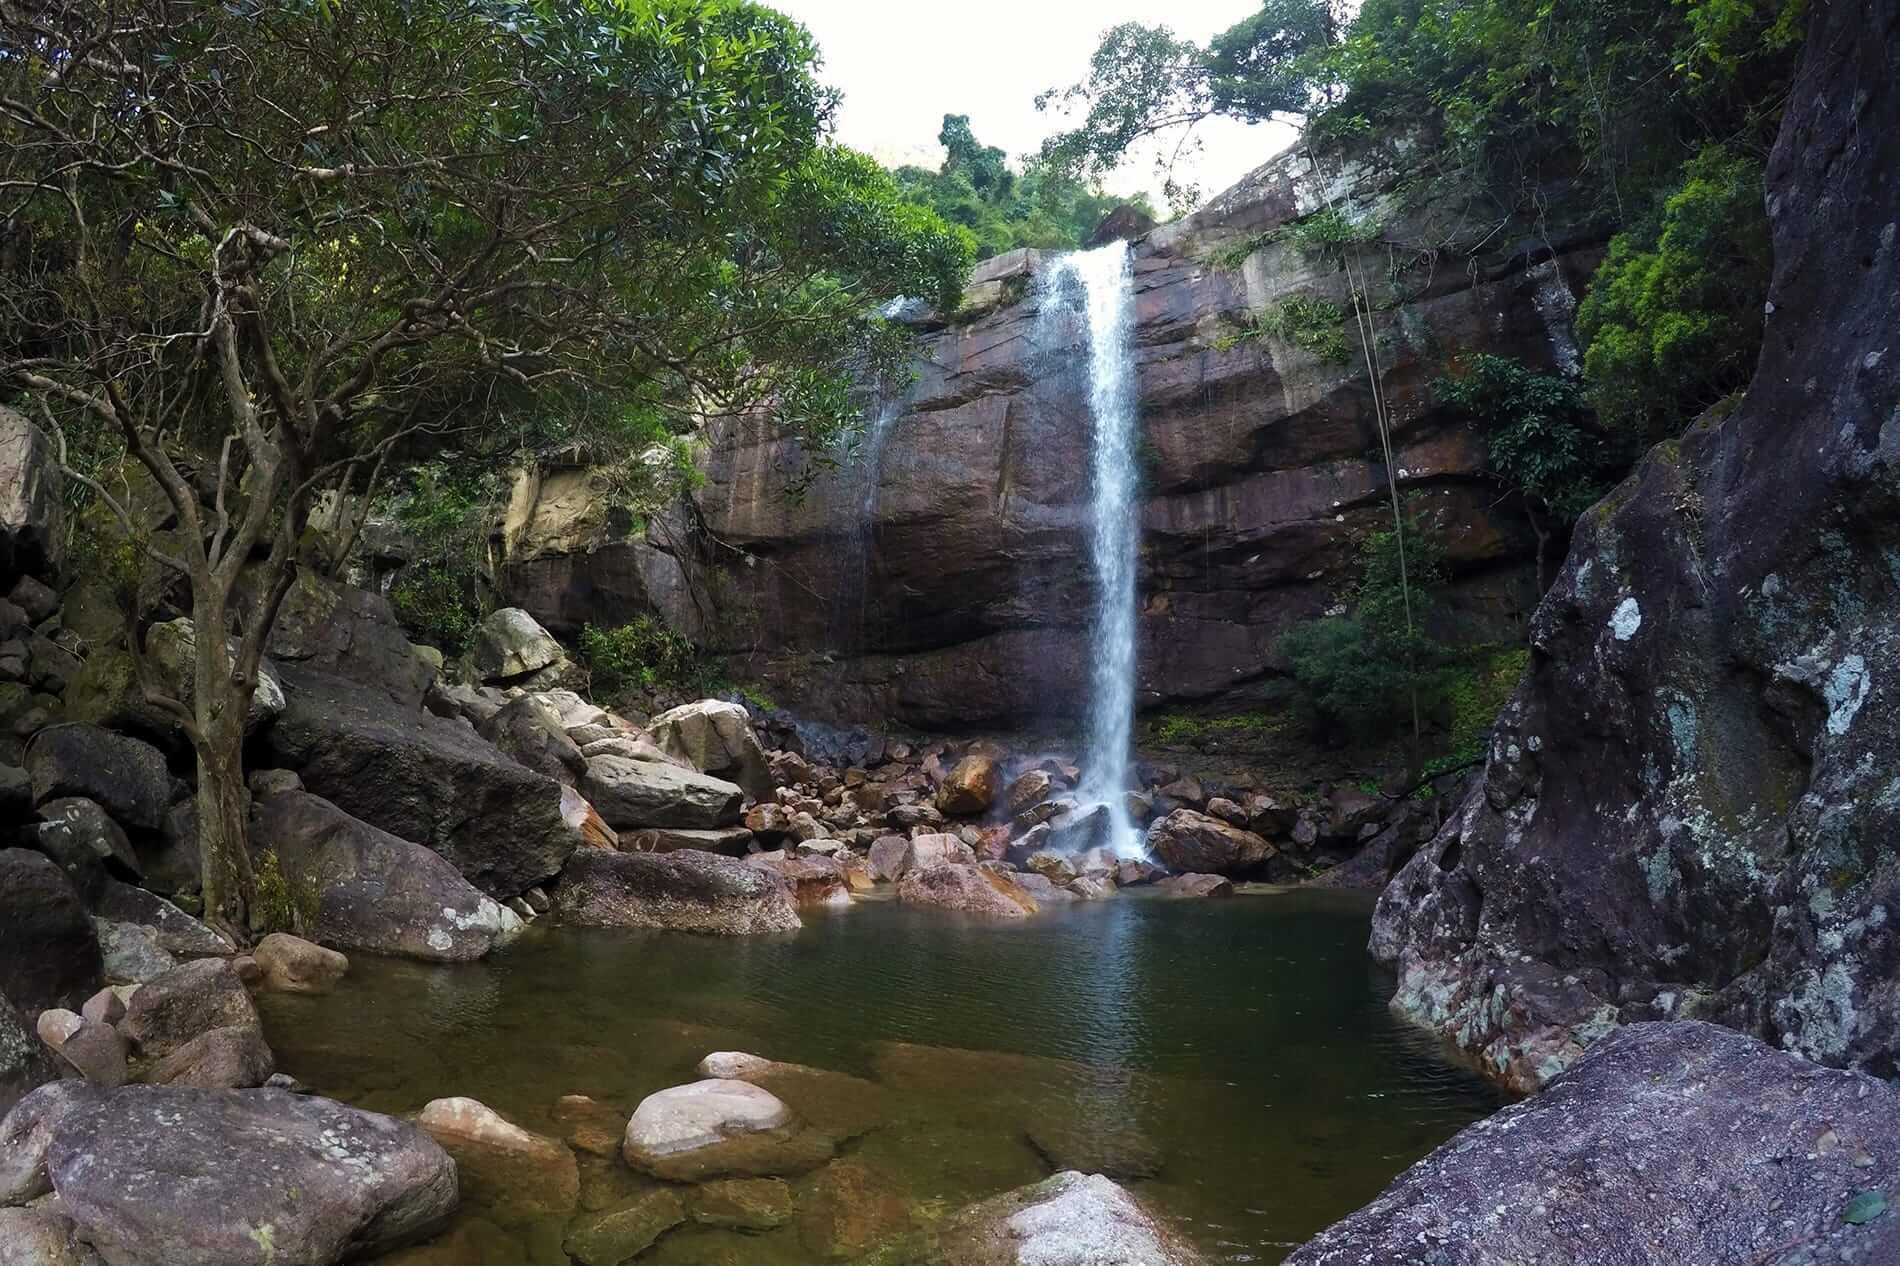 Danangwaterfalls